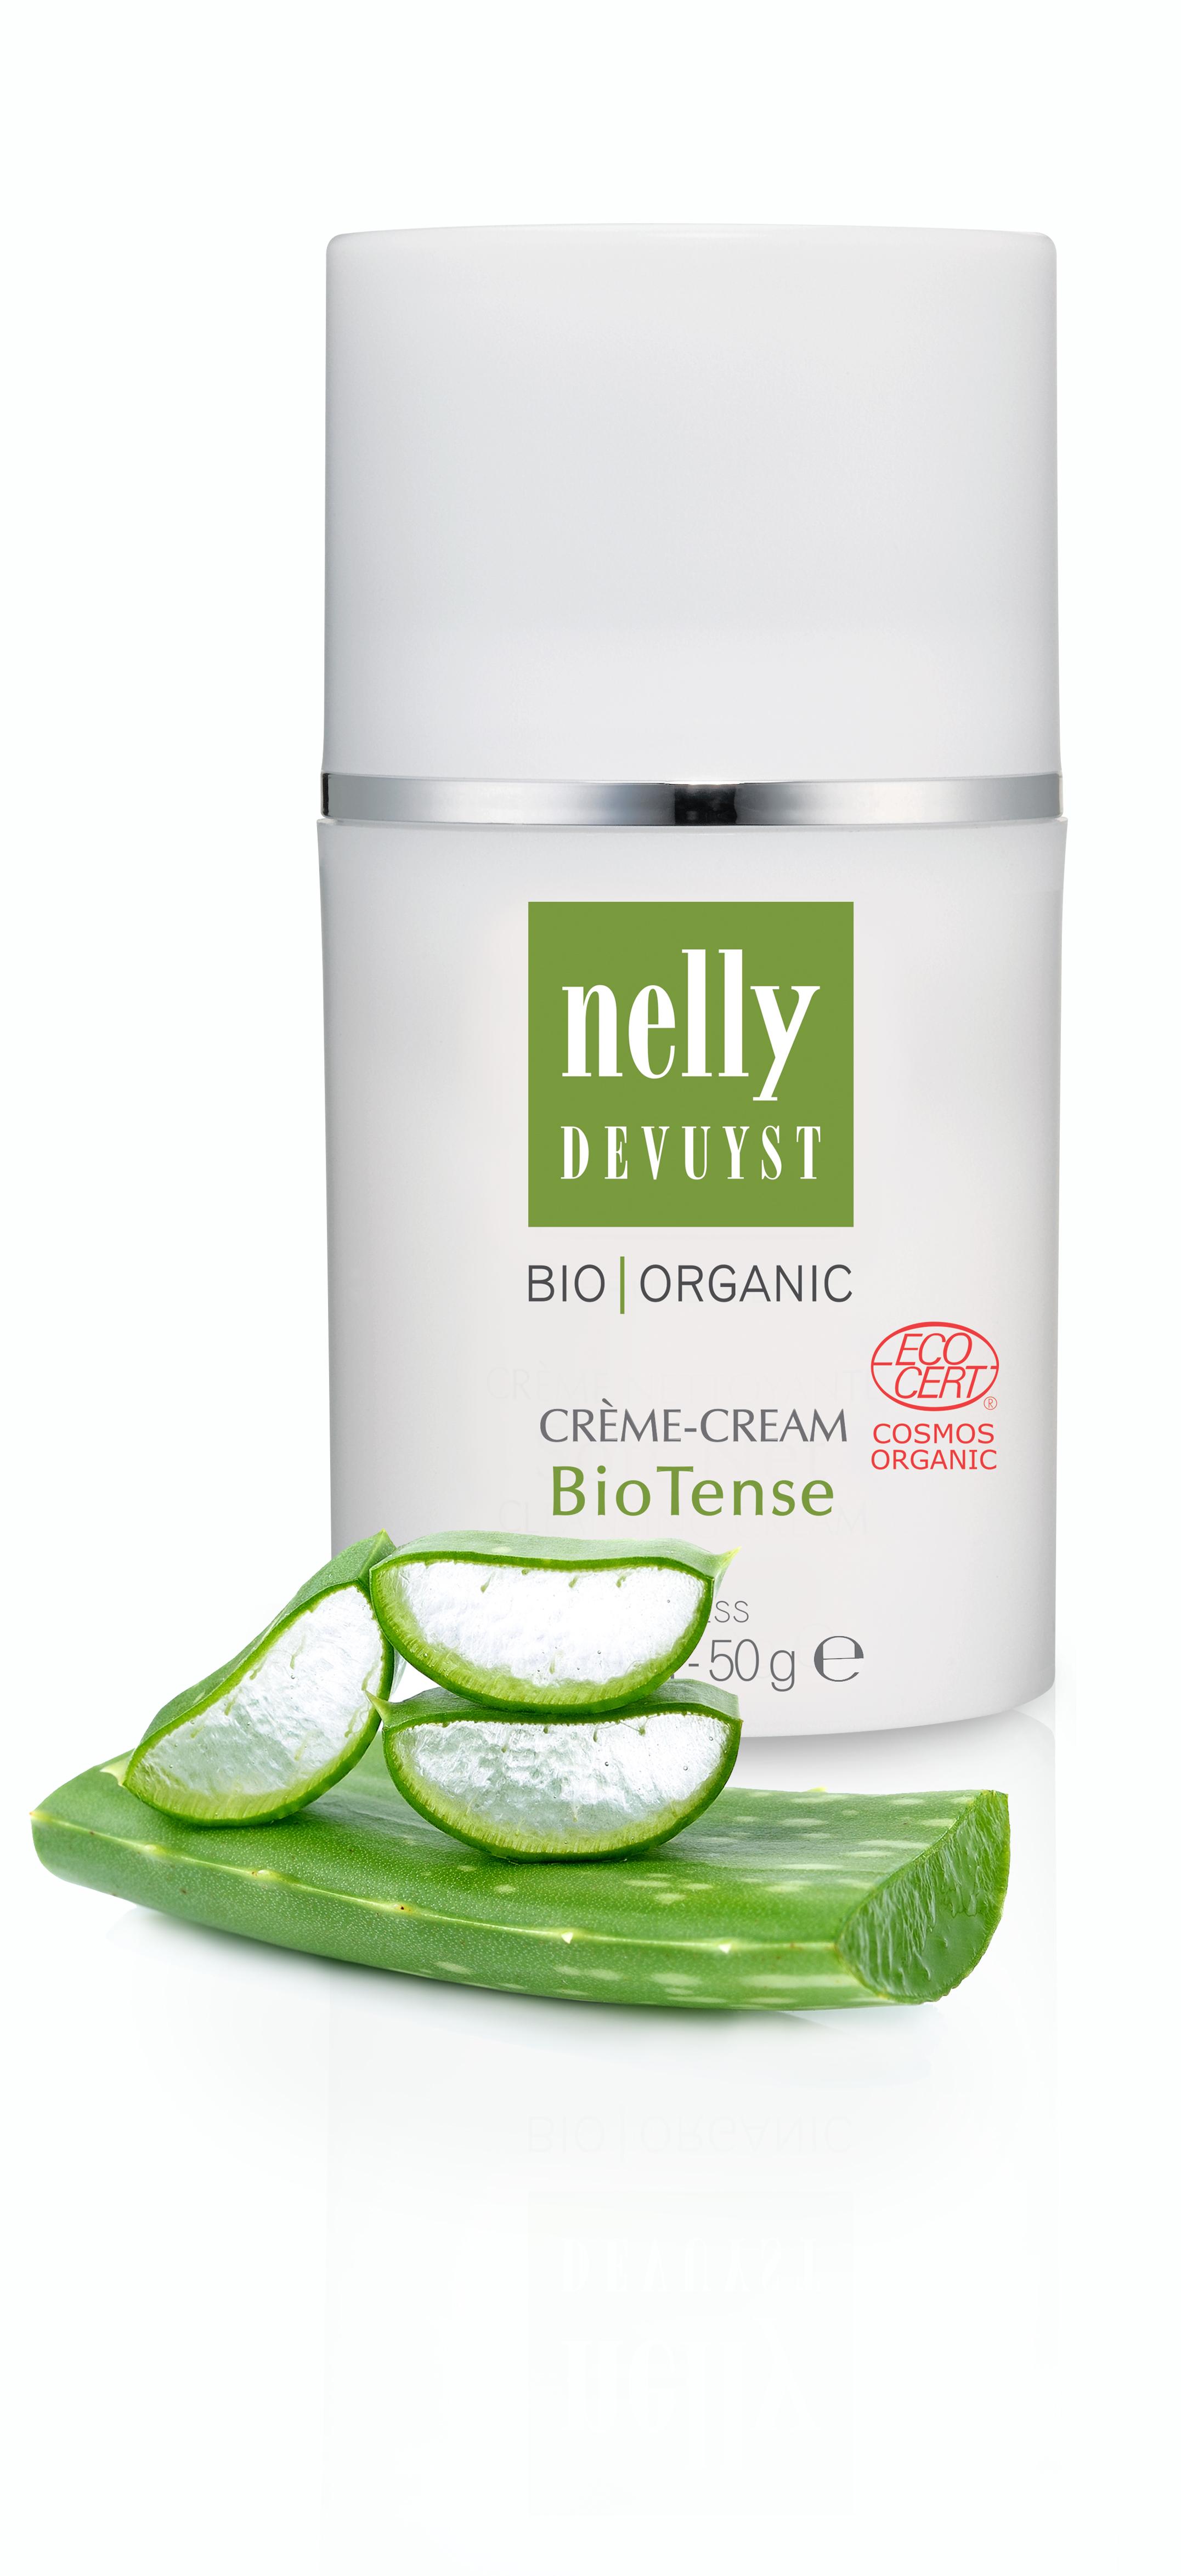 NDV_BioTense-Cream+Leaf-V2.jpg